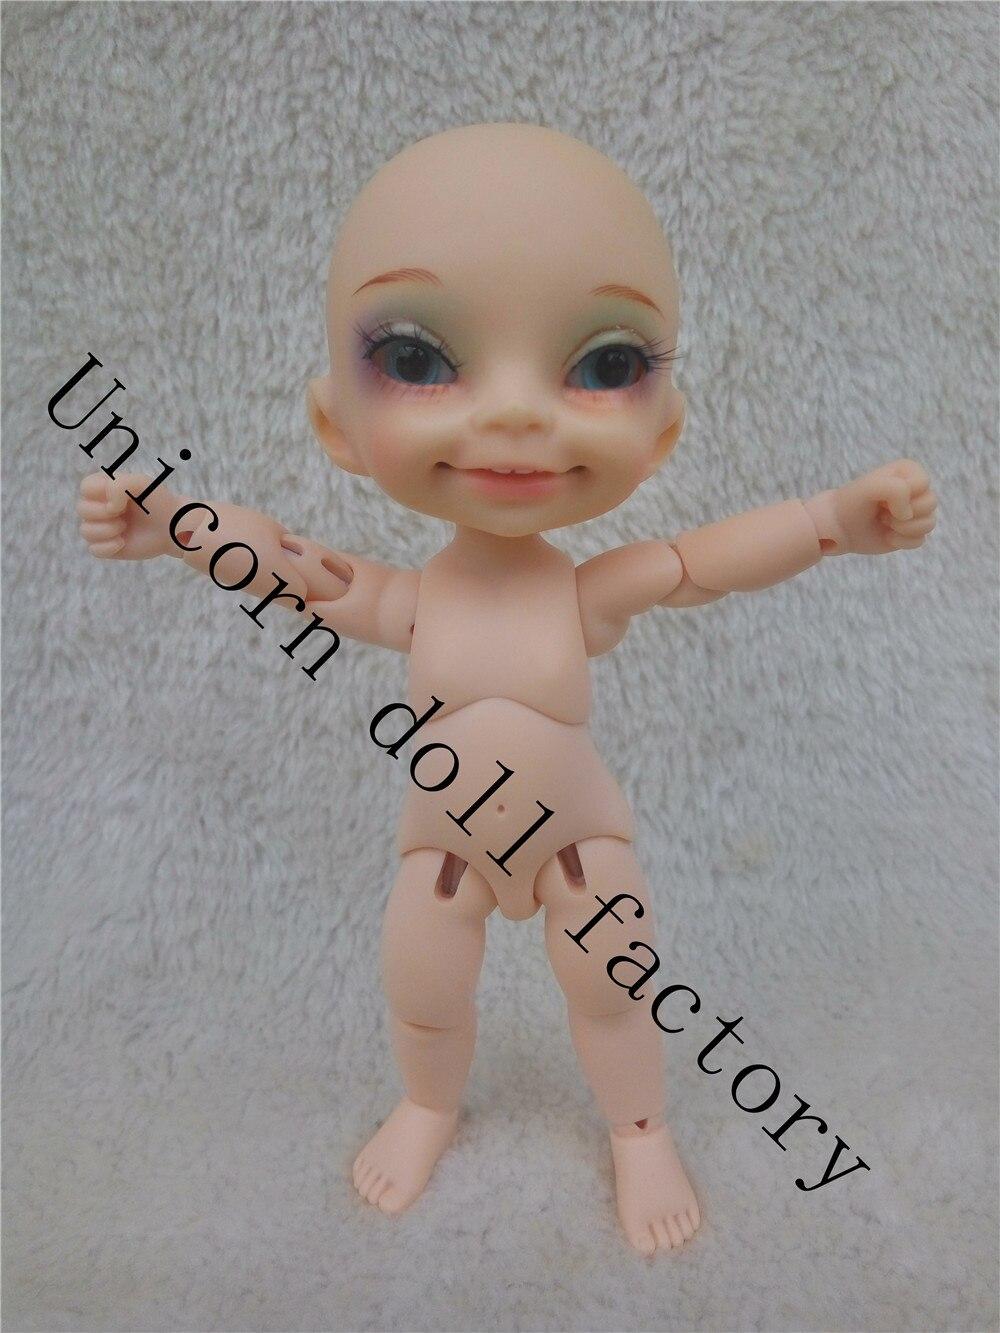 1/8BJD poupée visage de sourire humain libre d'envoyer des yeux peut choisir la couleur des yeux-in Poupées from Jeux et loisirs    1